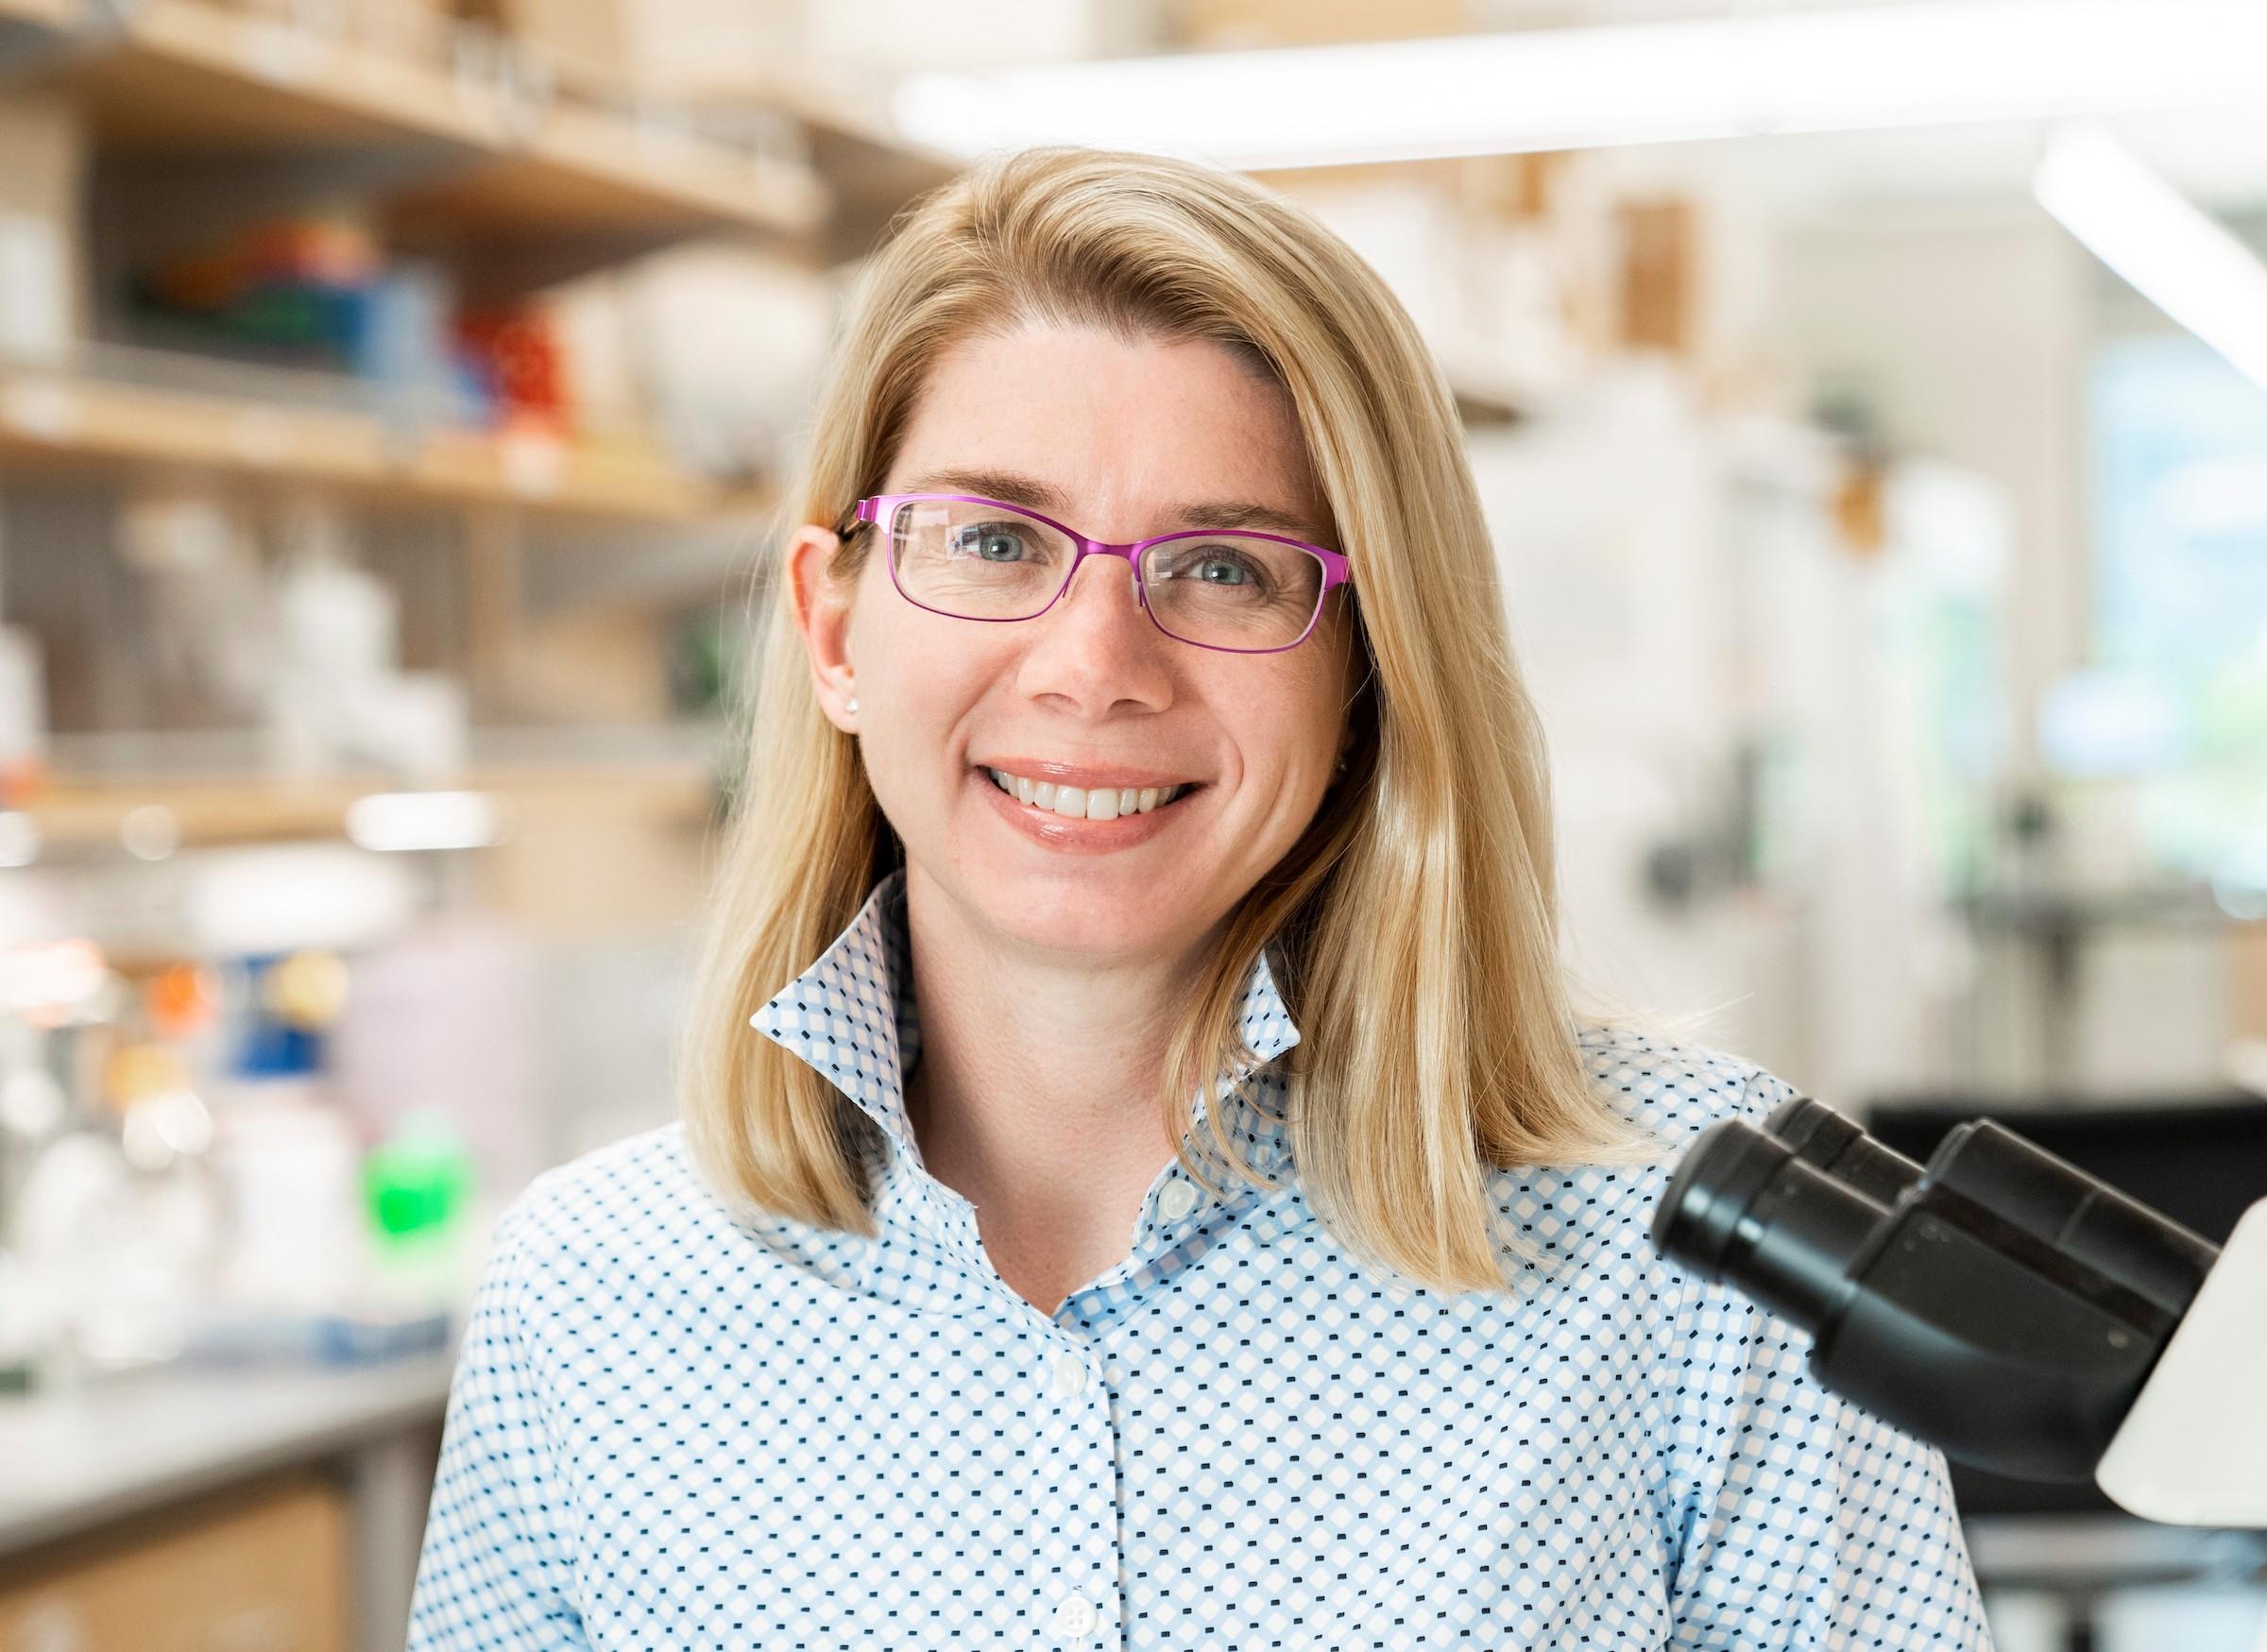 Allie H. Grossmann, M.D., Ph.D.